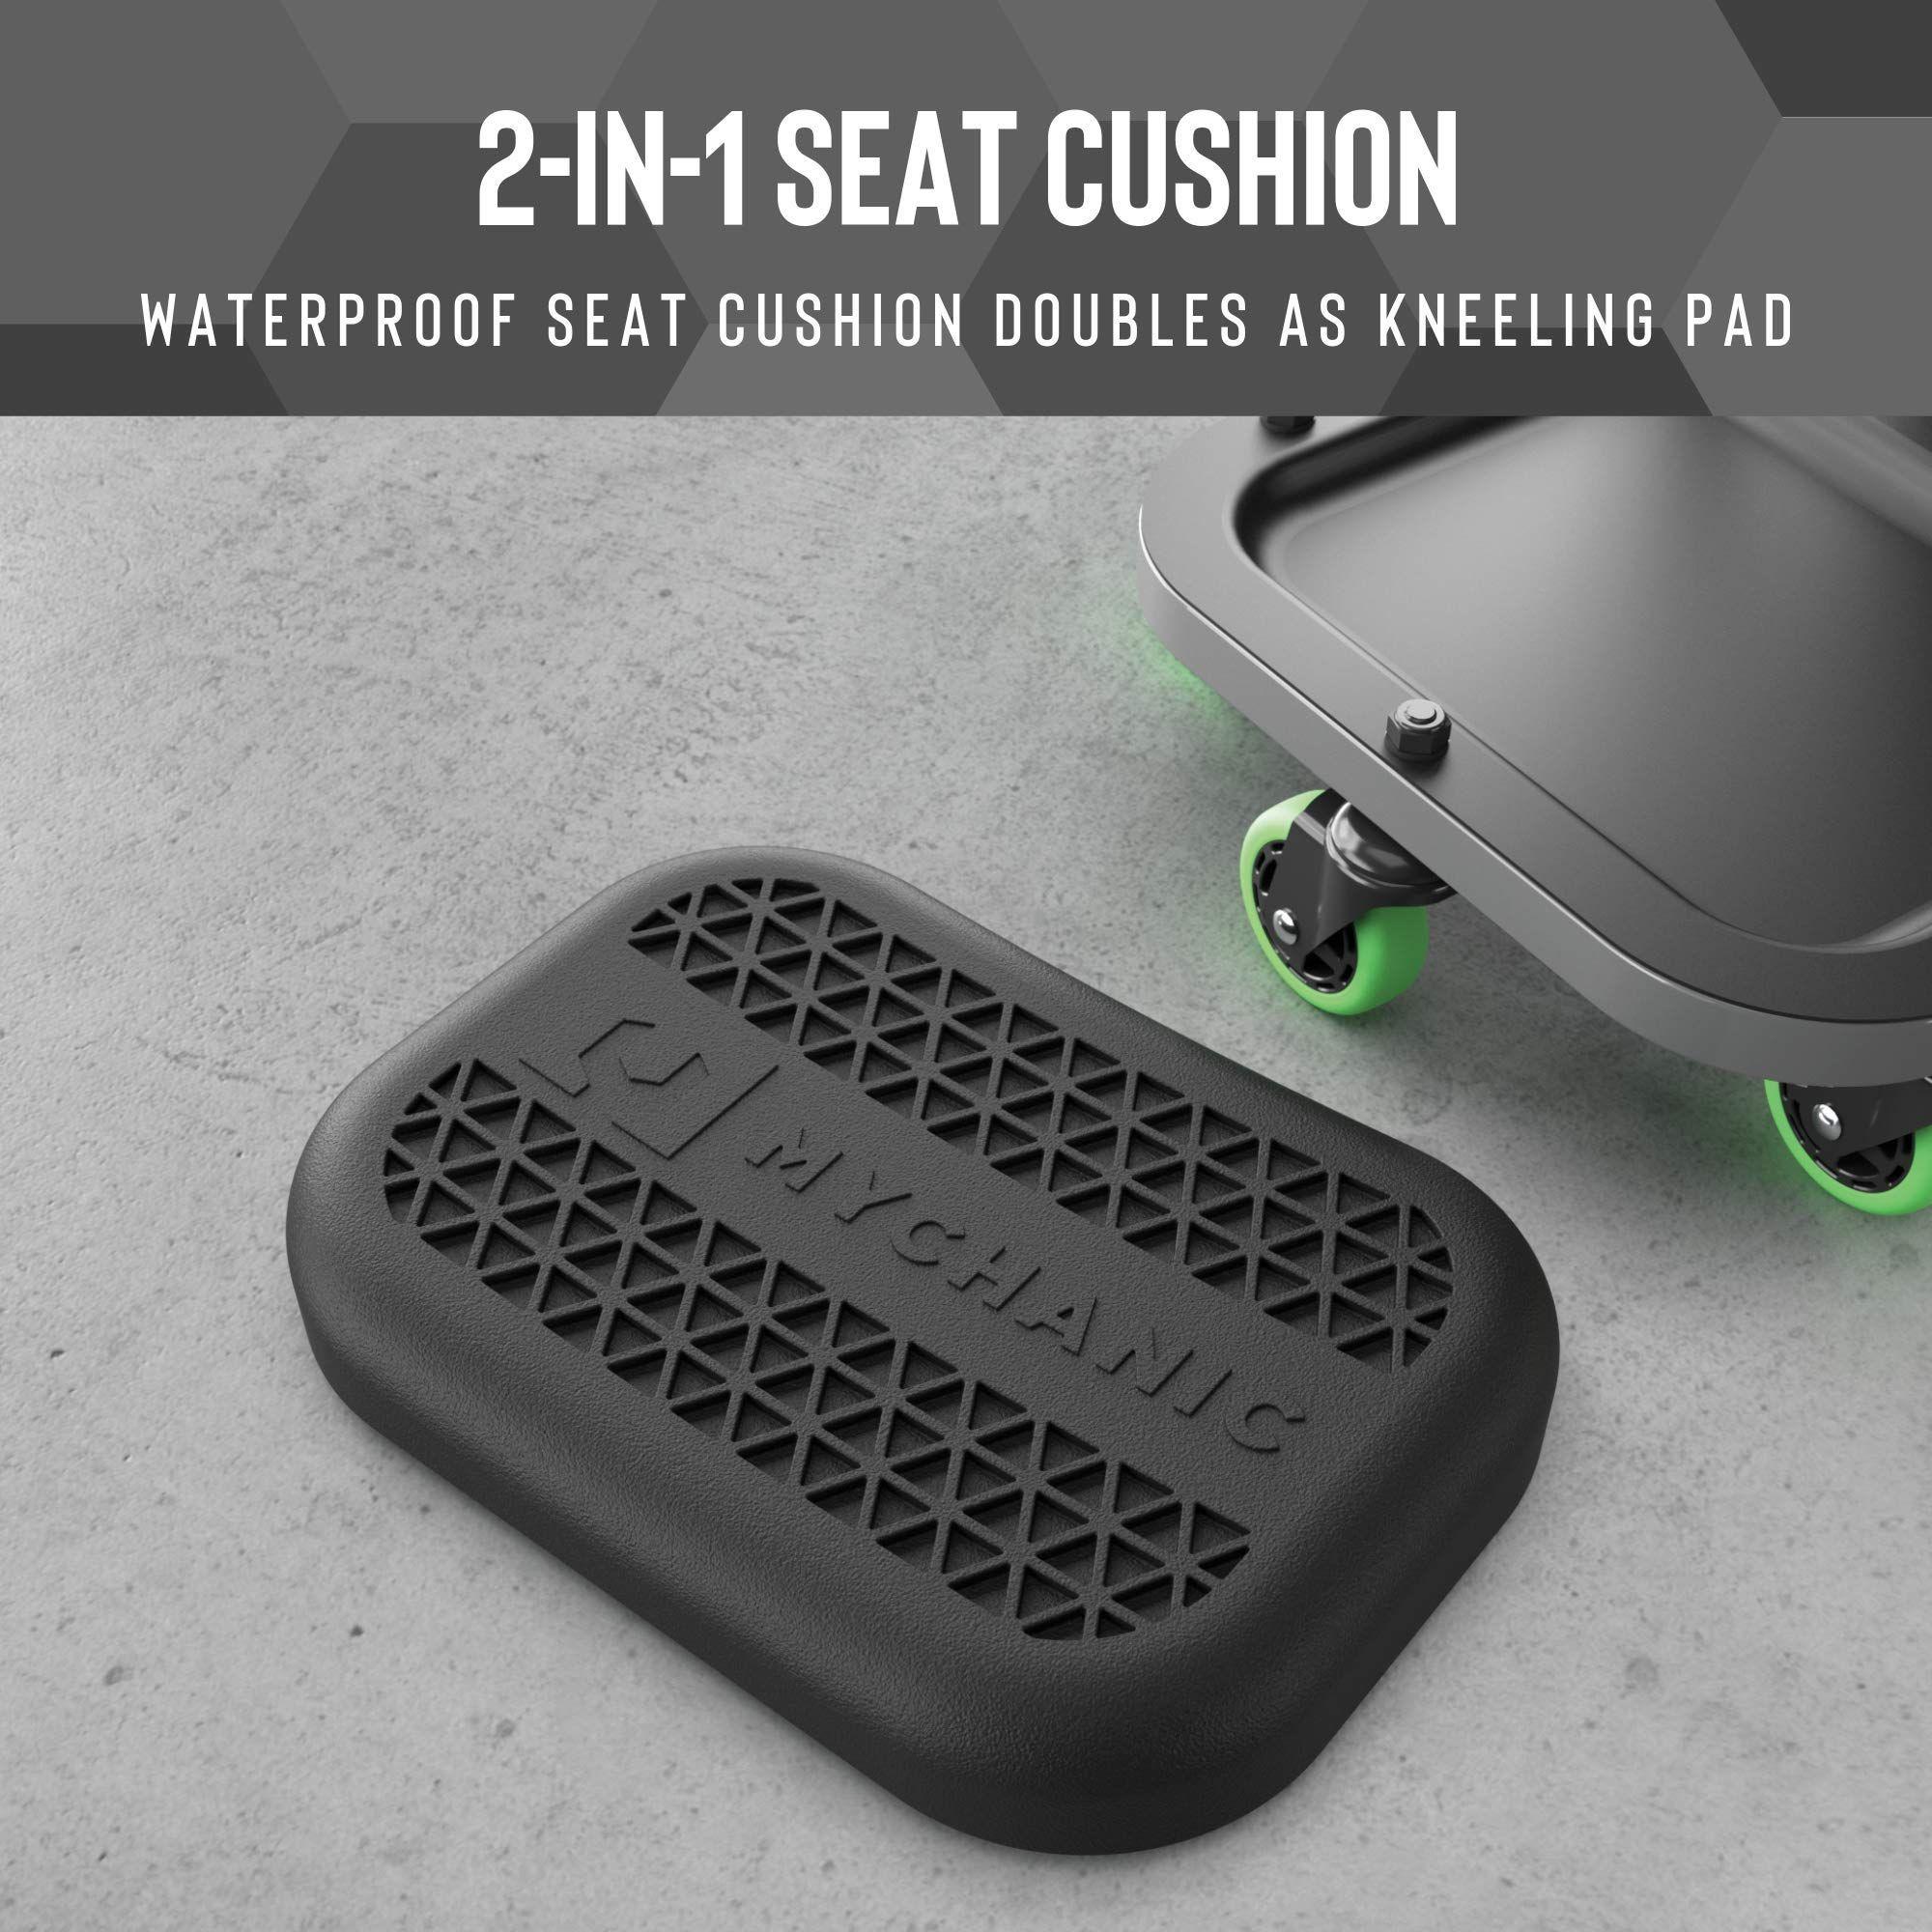 Mychanic Detailing Rig Car Wash Organizer Heavy Duty Rolling Seat With Wash Bucket And Grit Trap Ad Car Sponsored W Car Wash Kneeling Pad Car Detailing